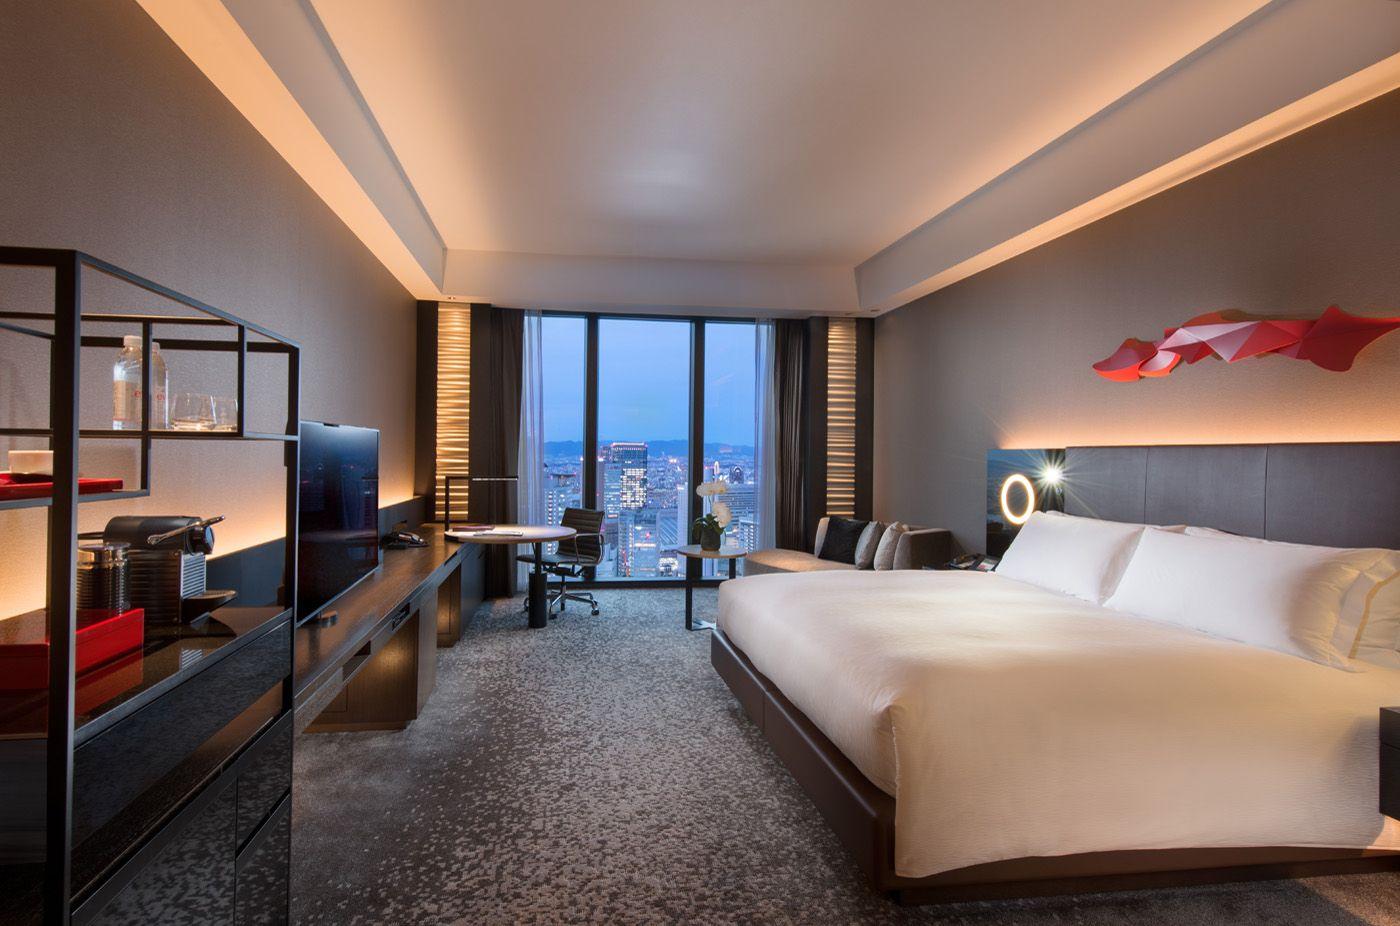 Osaka Luxury Hotels 5 Star Vacations Conrad Osaka Hotel Room